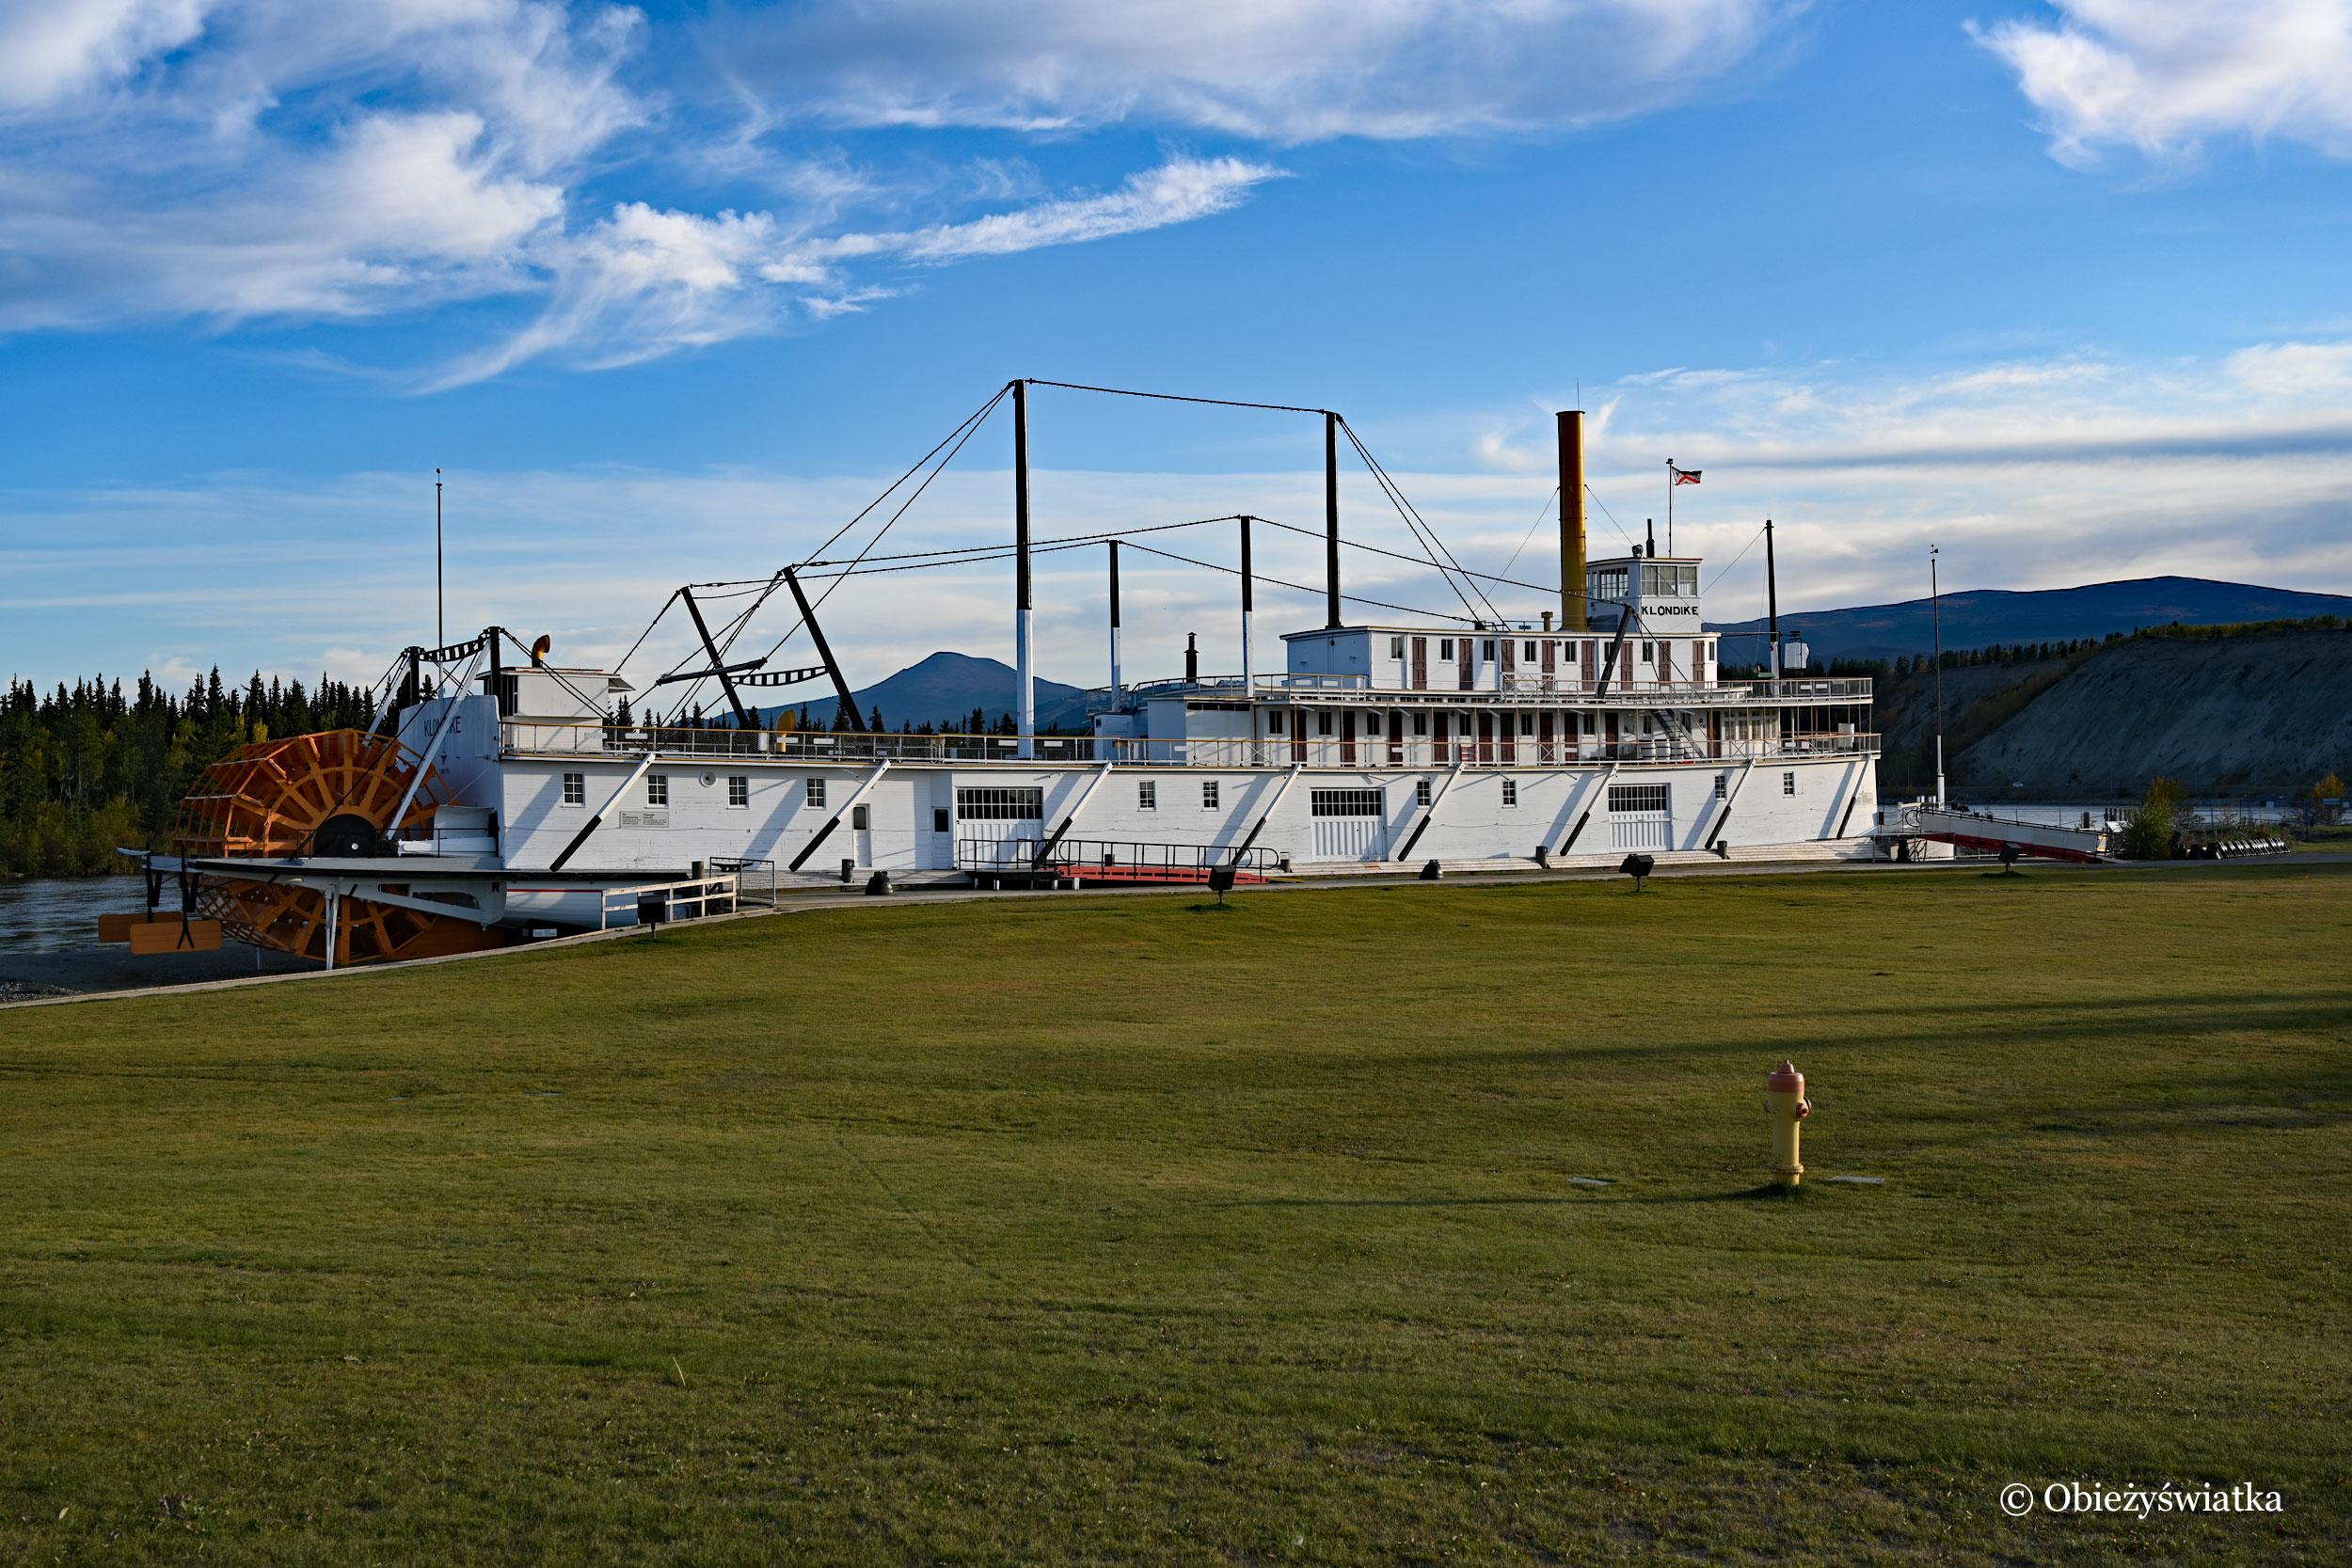 Zabytkowy SS Klondike: Whitehorse - Dawson City